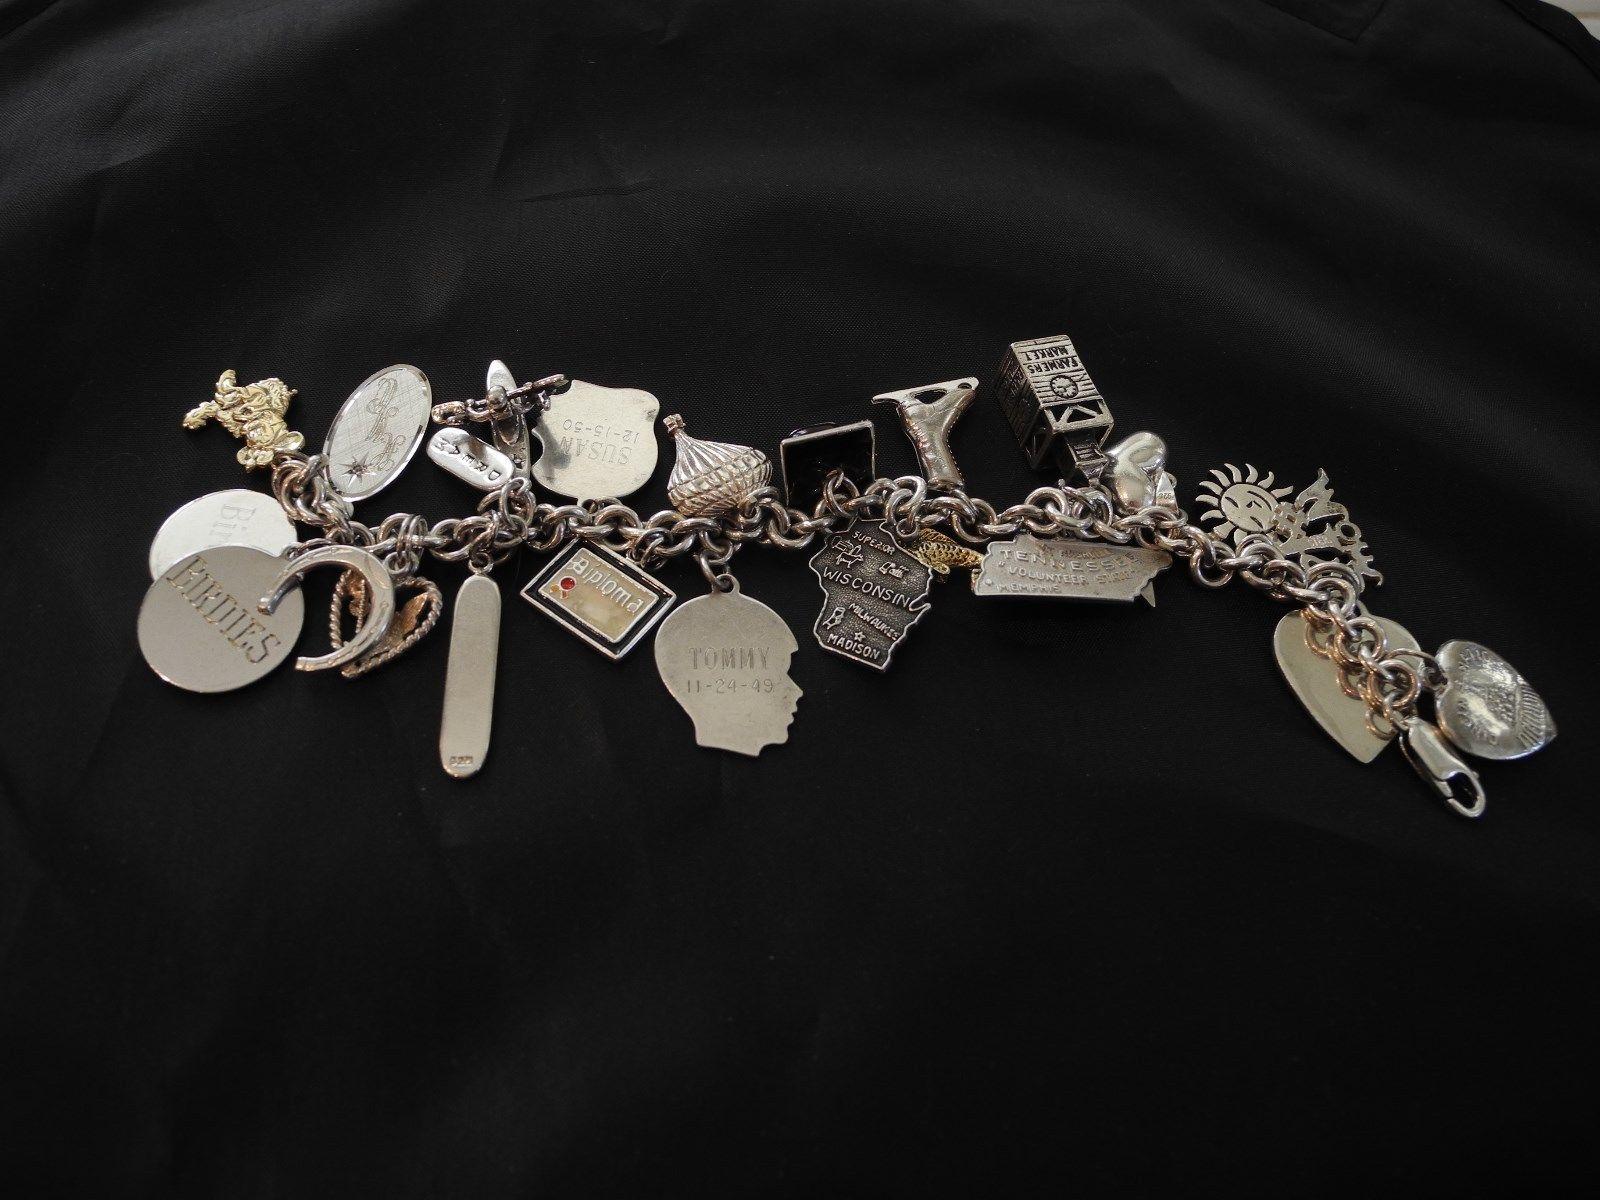 Vintage Sterling Silver Charm Bracelet gorhamhunt